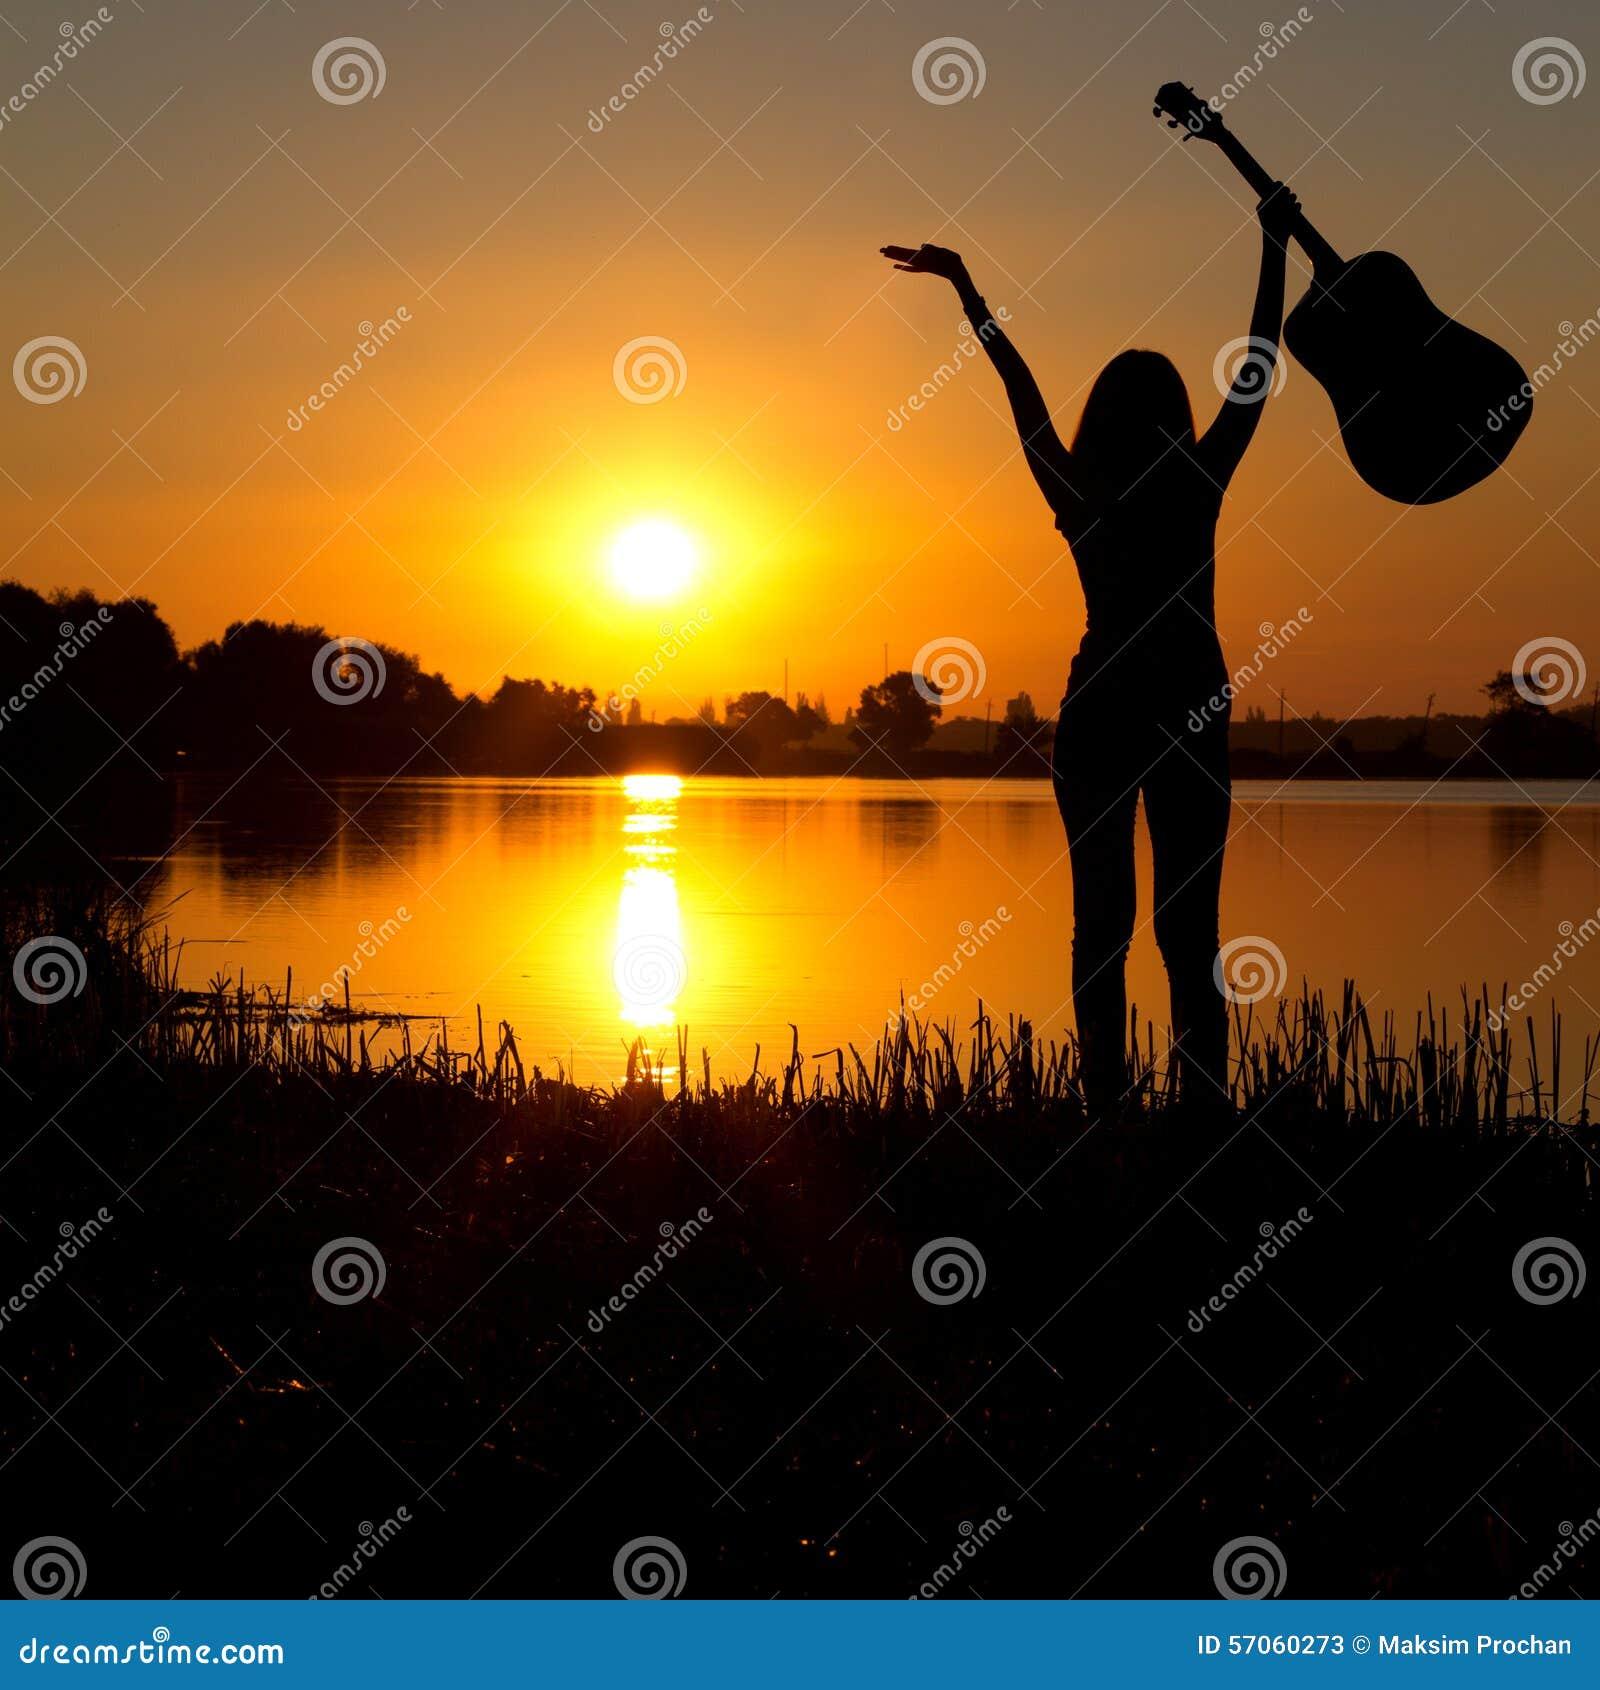 Silhouet van een gelukkig meisje met een gitaar op een zonsopgang